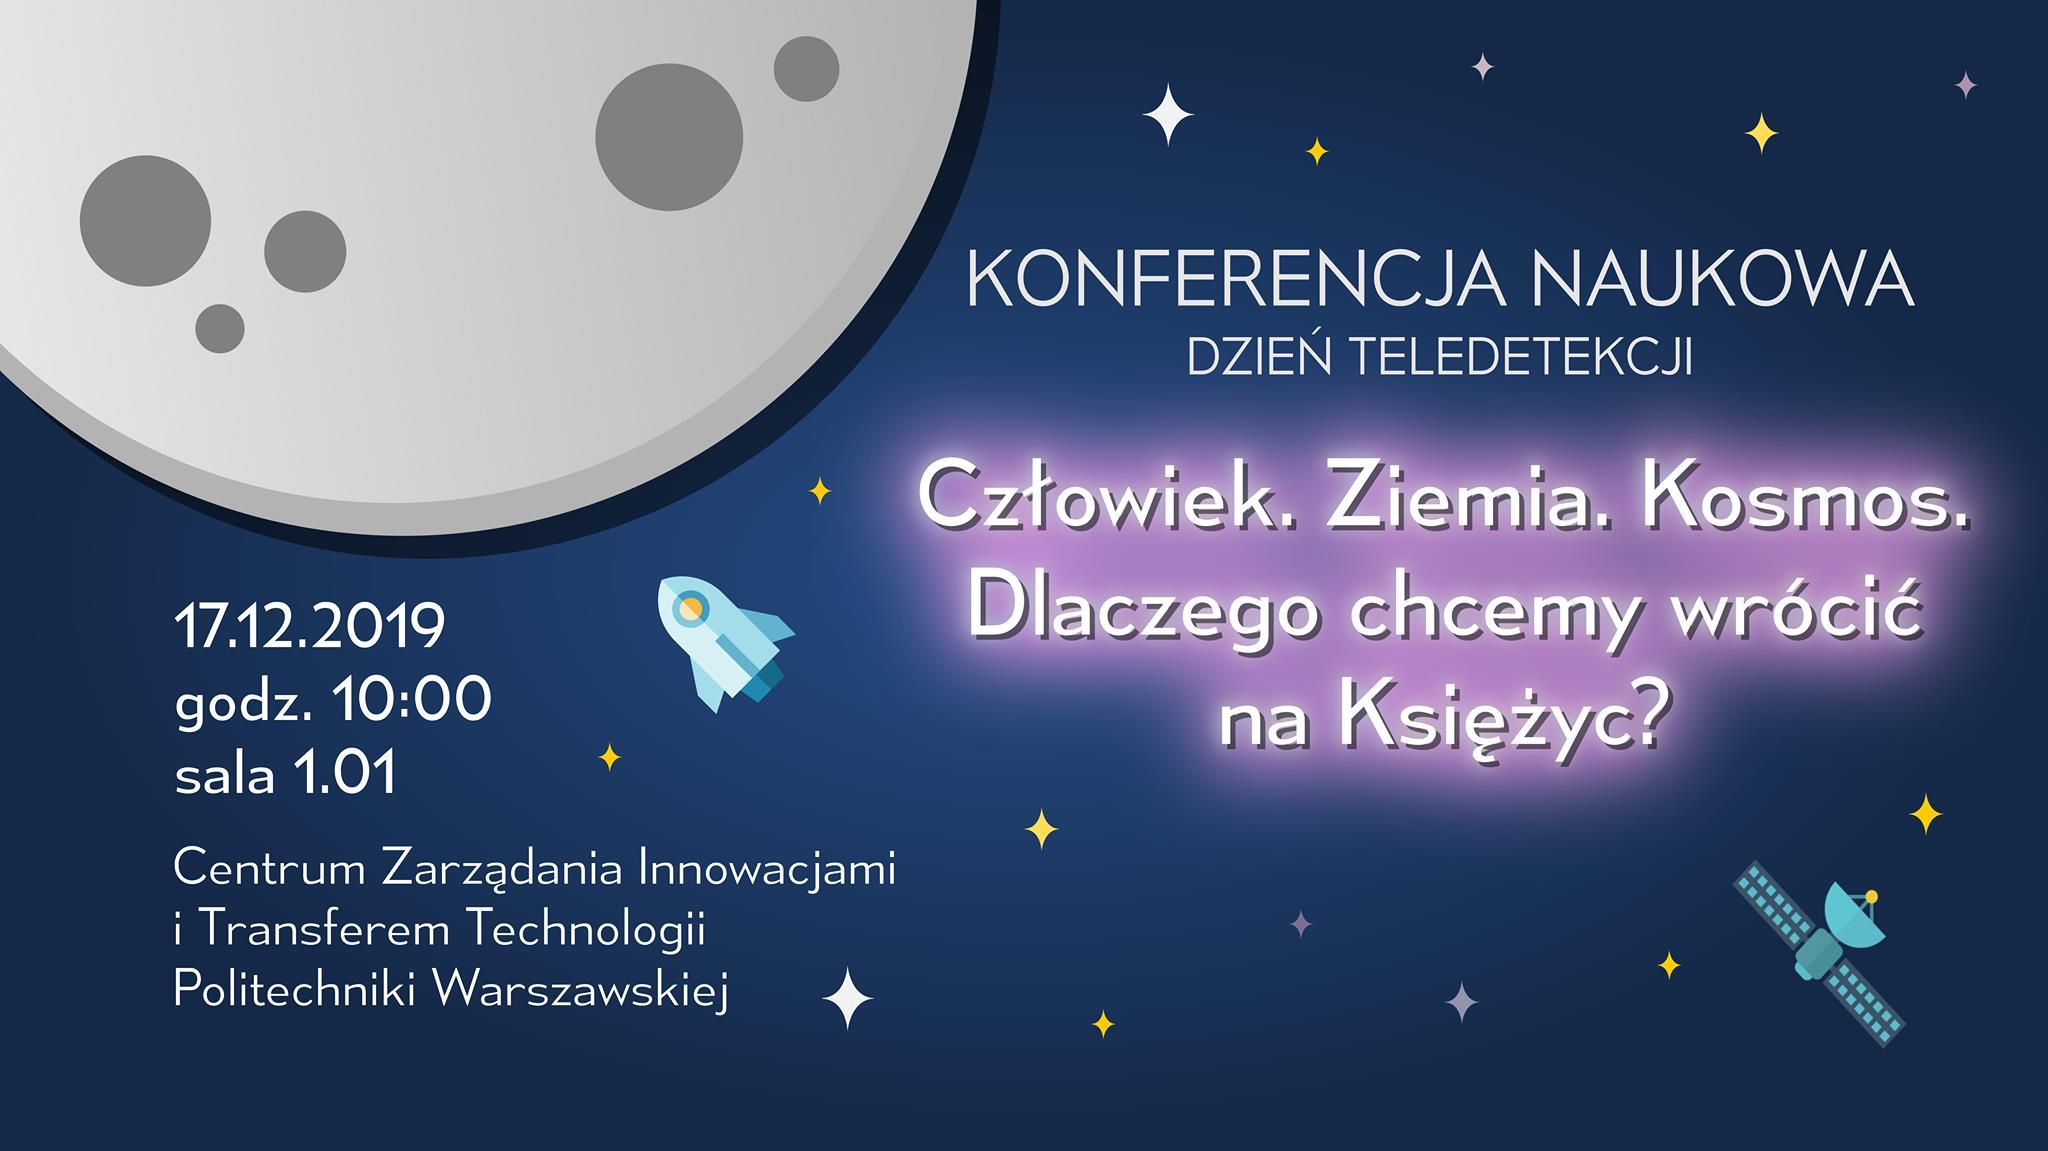 Konferencja Naukowa - Dzień Teledetekcji 2019 @ Centrum Zarządzania Innowacjami iTransferem Technologii PW